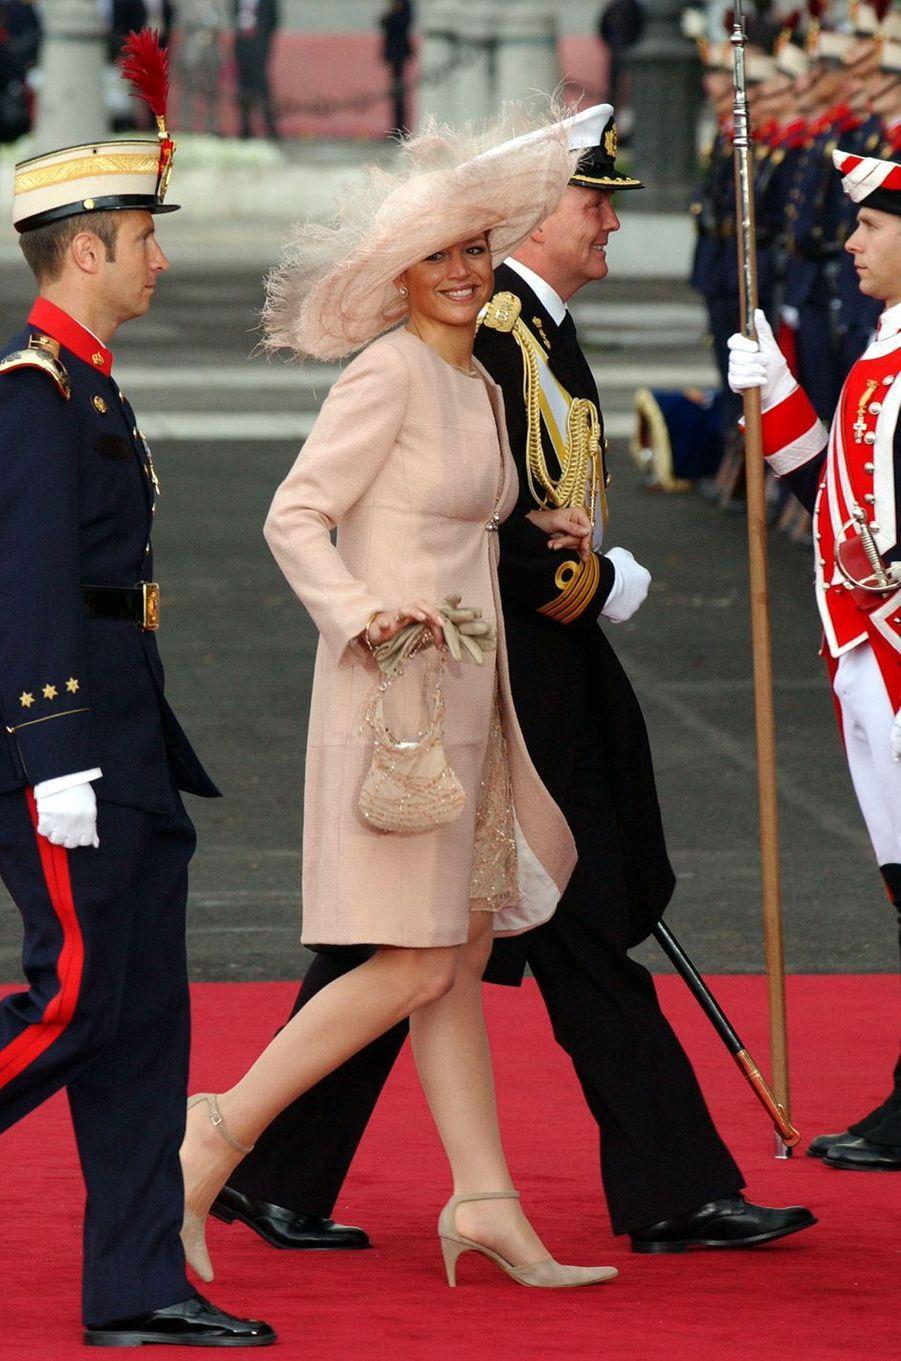 La princesse Maxima et le prince héritier Willem-Alexander des Pays-Bas à Madrid, le 22 mai 2004